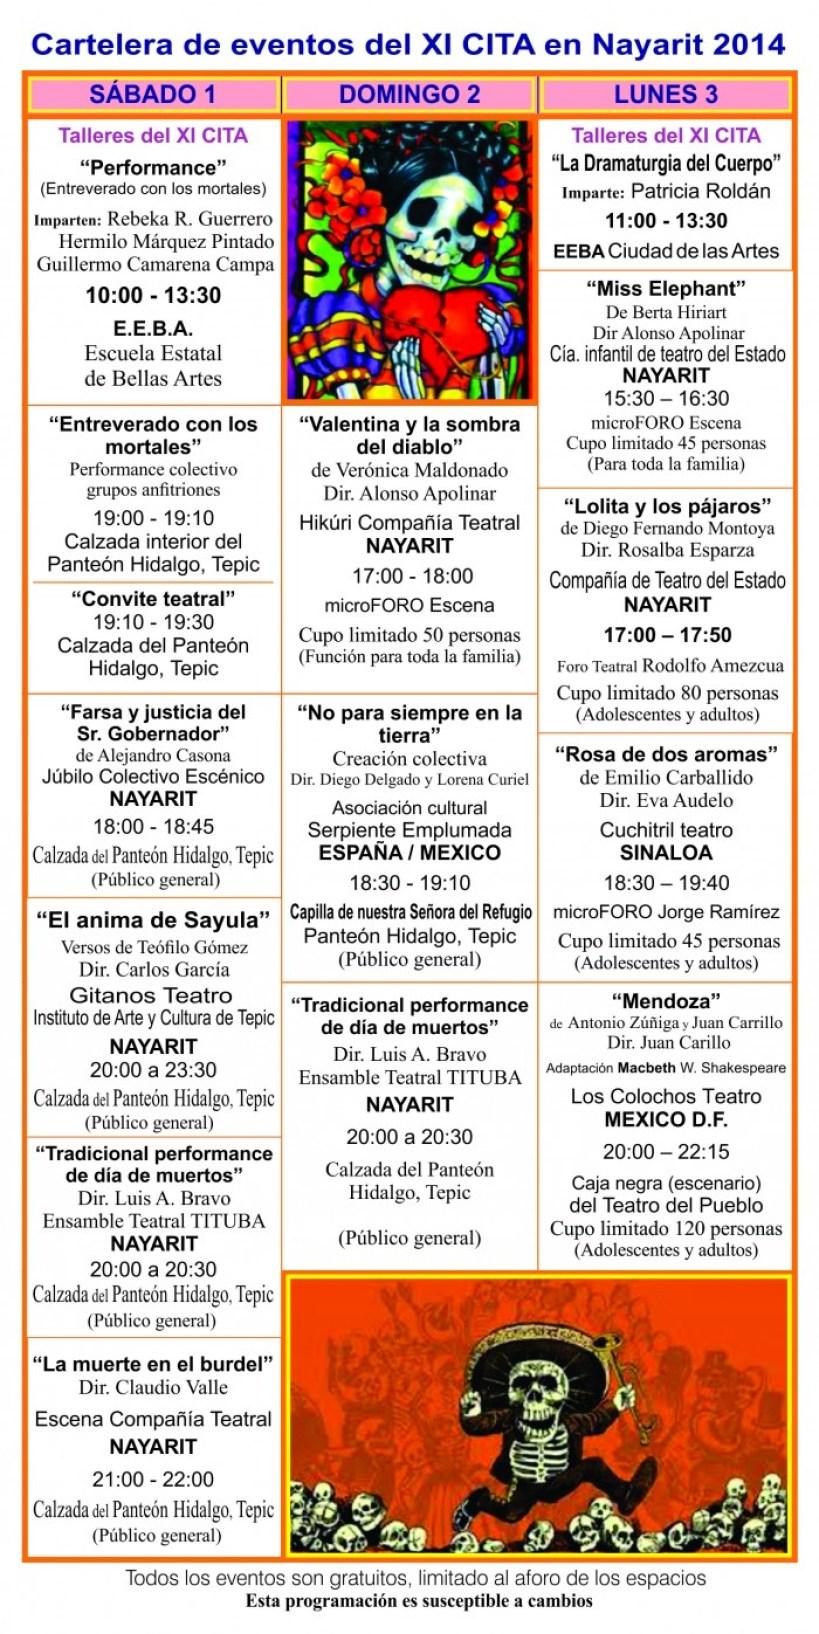 Programa cartelera del XI CITA 2014 1